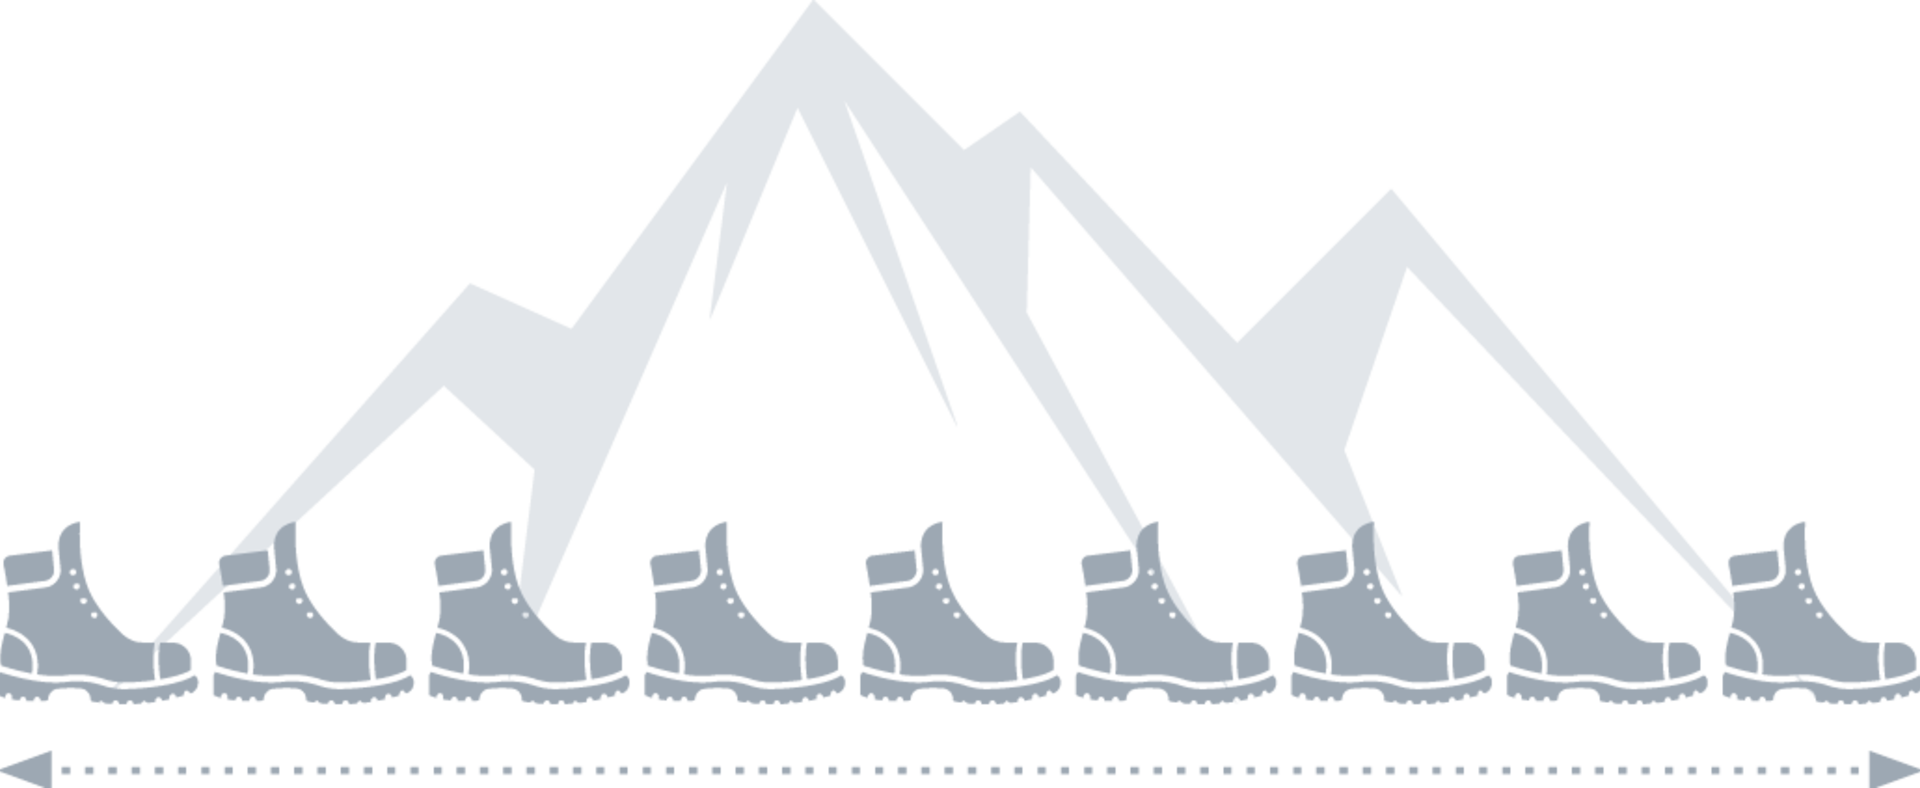 Mittlerweile verkauft LOWA weltweit fast 3 Millionen Paar Schuhe. Wenn man all diese Schuhe aneinander reiht, ergibt sich eine Länge von ungefähr 1.200 Kilometern. Das entspricht der Länge der Alpen (von Ost nach West).